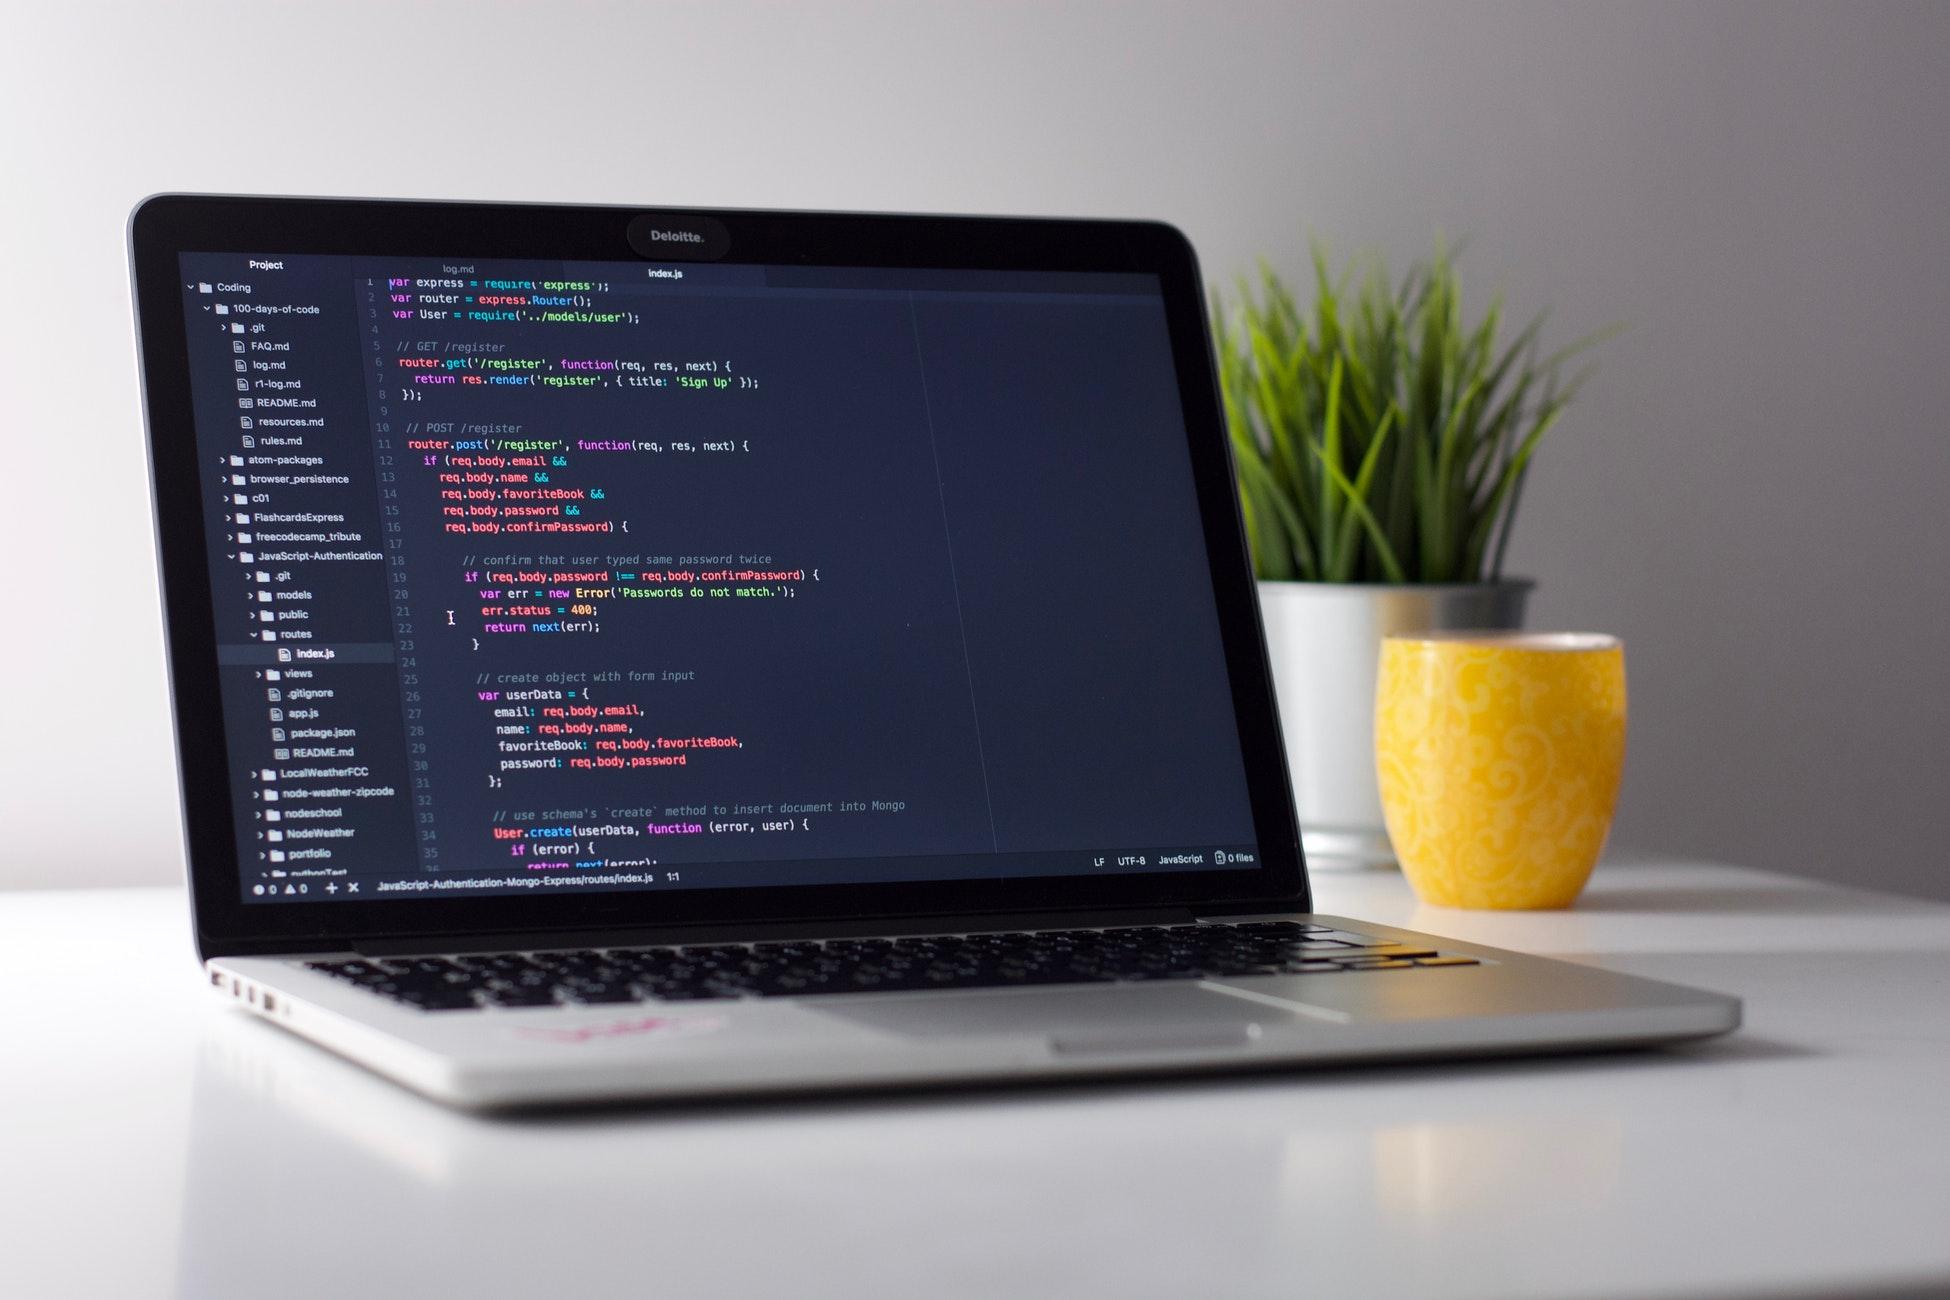 code editor window in mac laptop